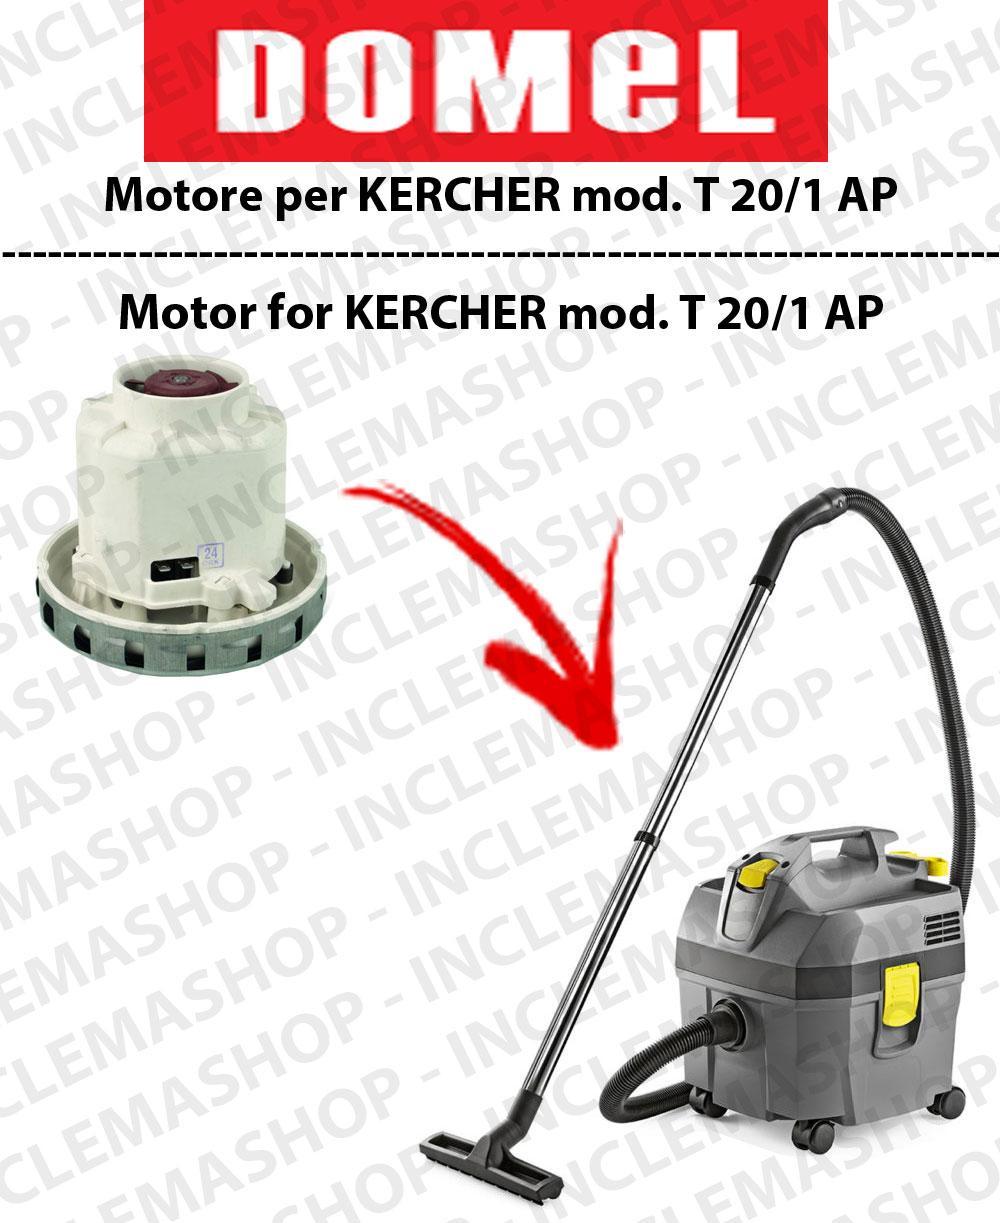 NT 20/1 AP Saugmotor DOMEL für Staubsauger KARCHER